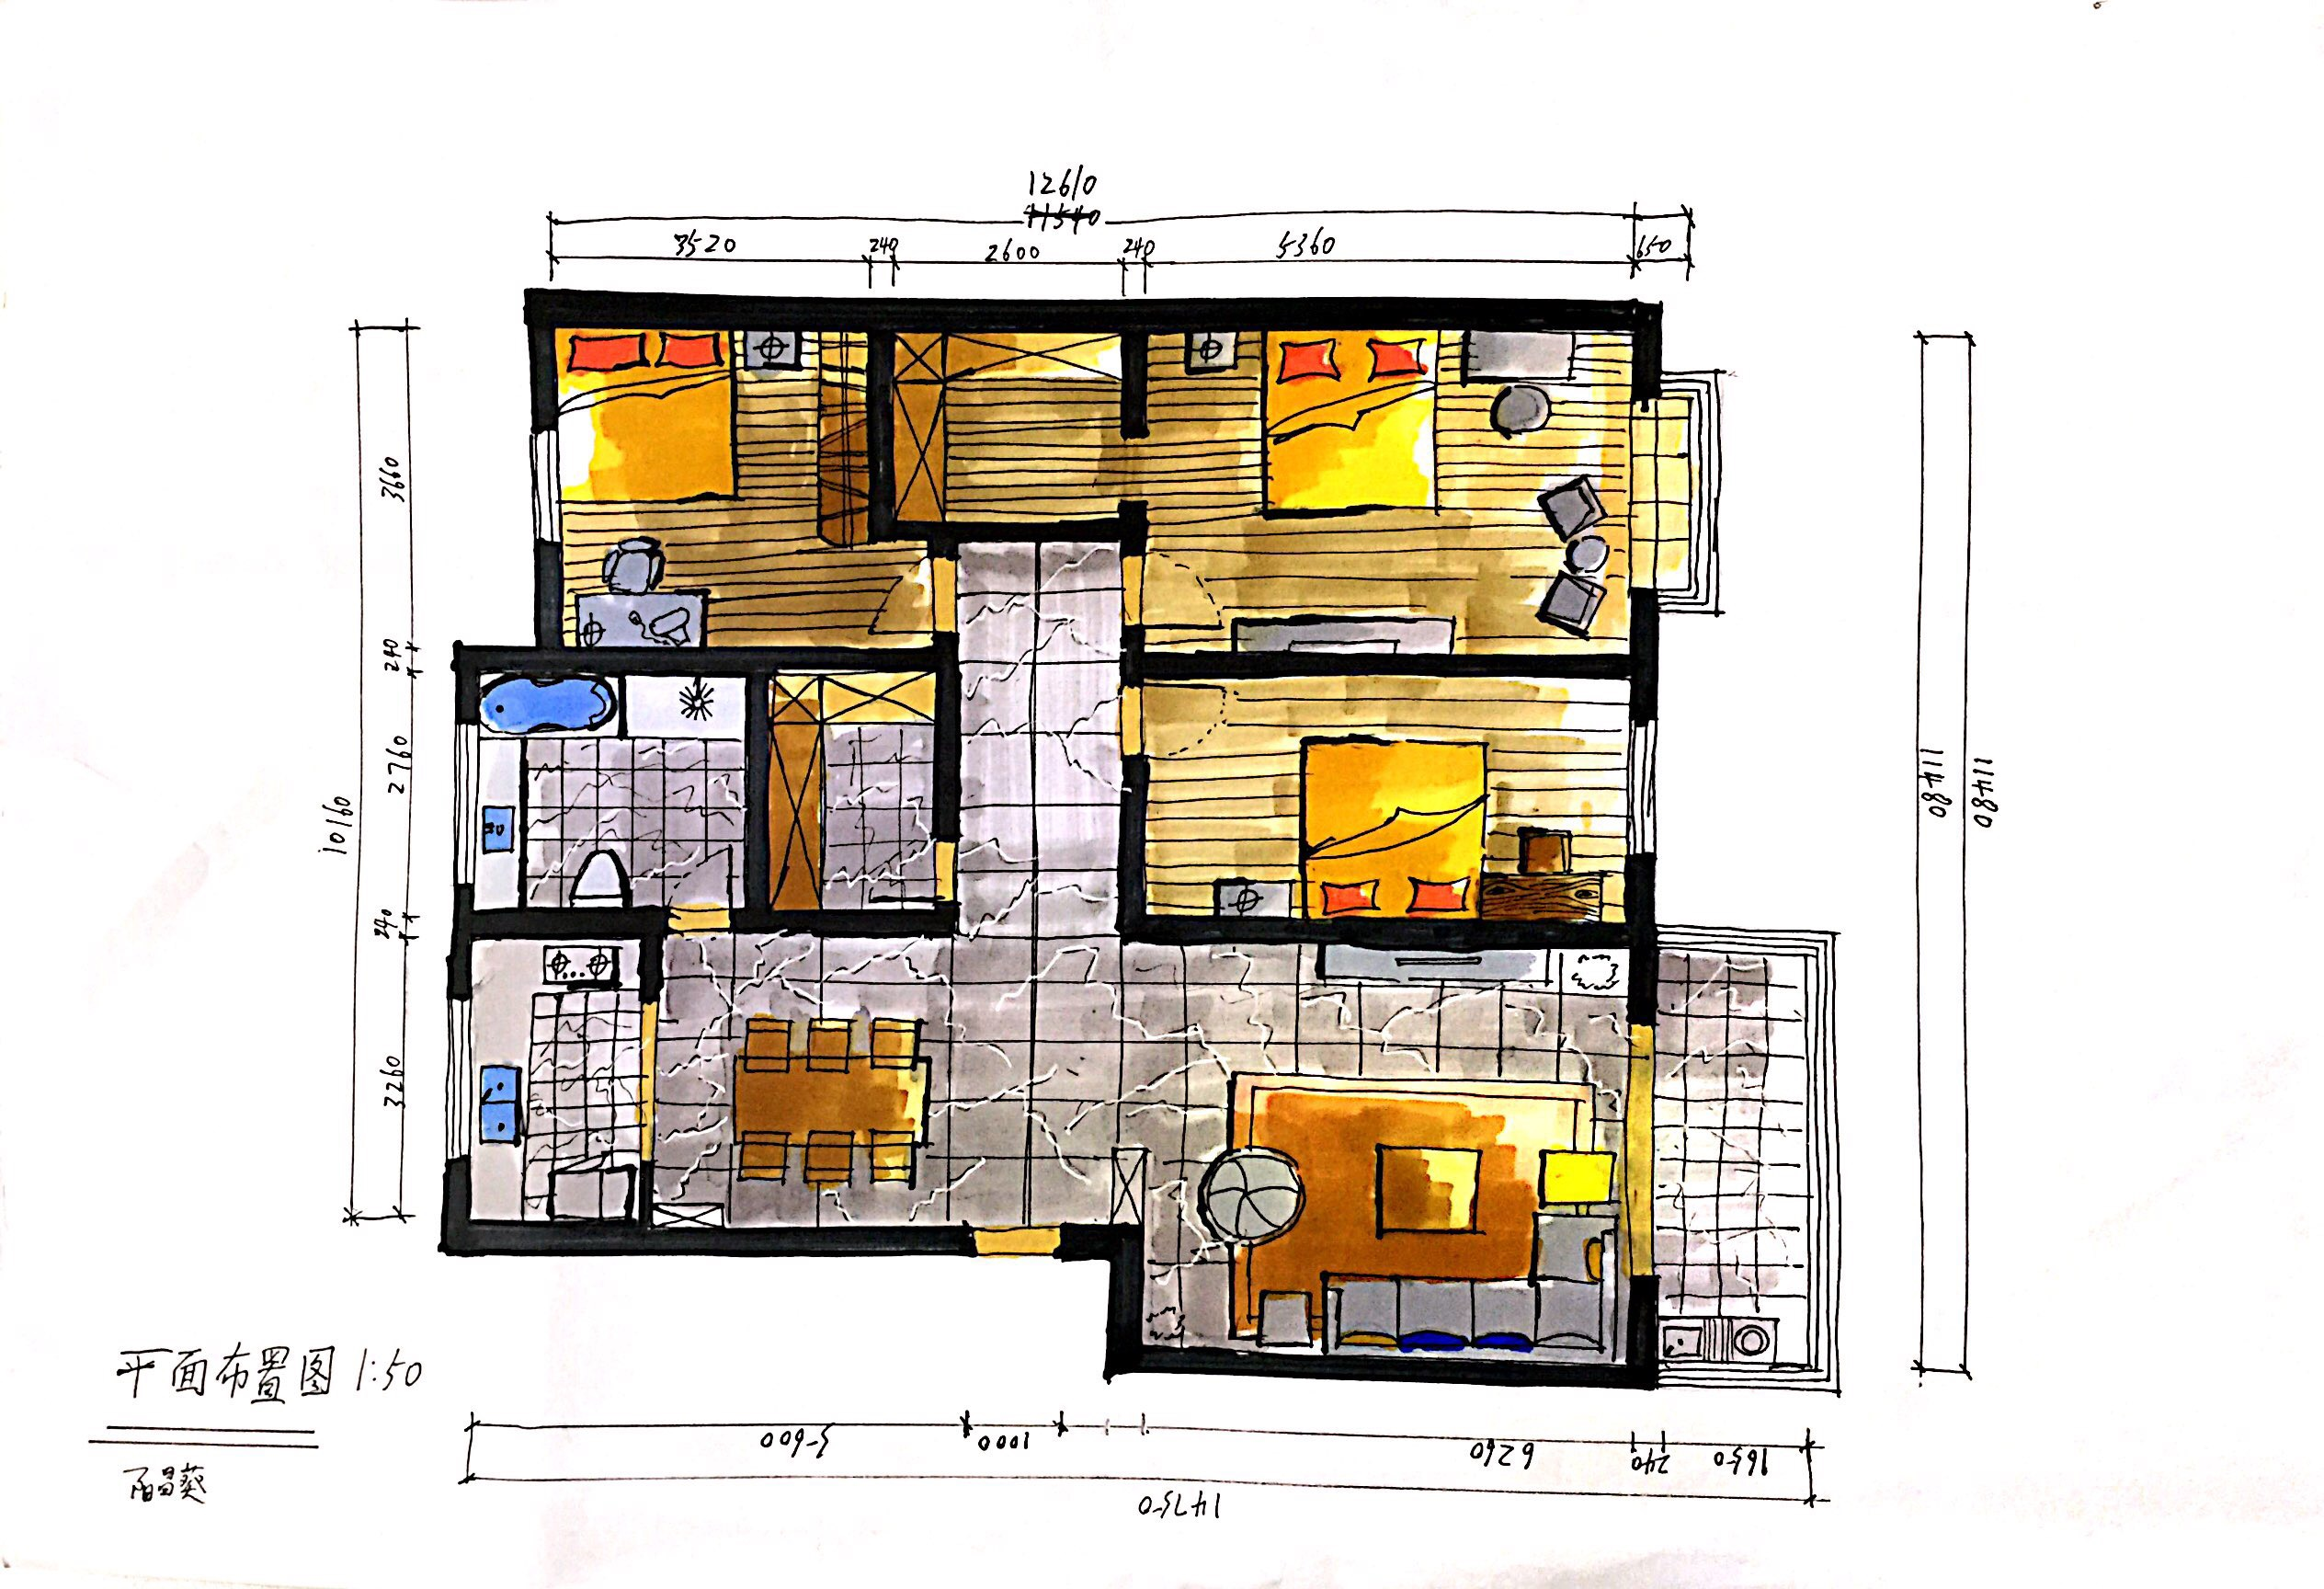 手绘|空间|室内设计|阳先生 - 原创作品 - 站酷